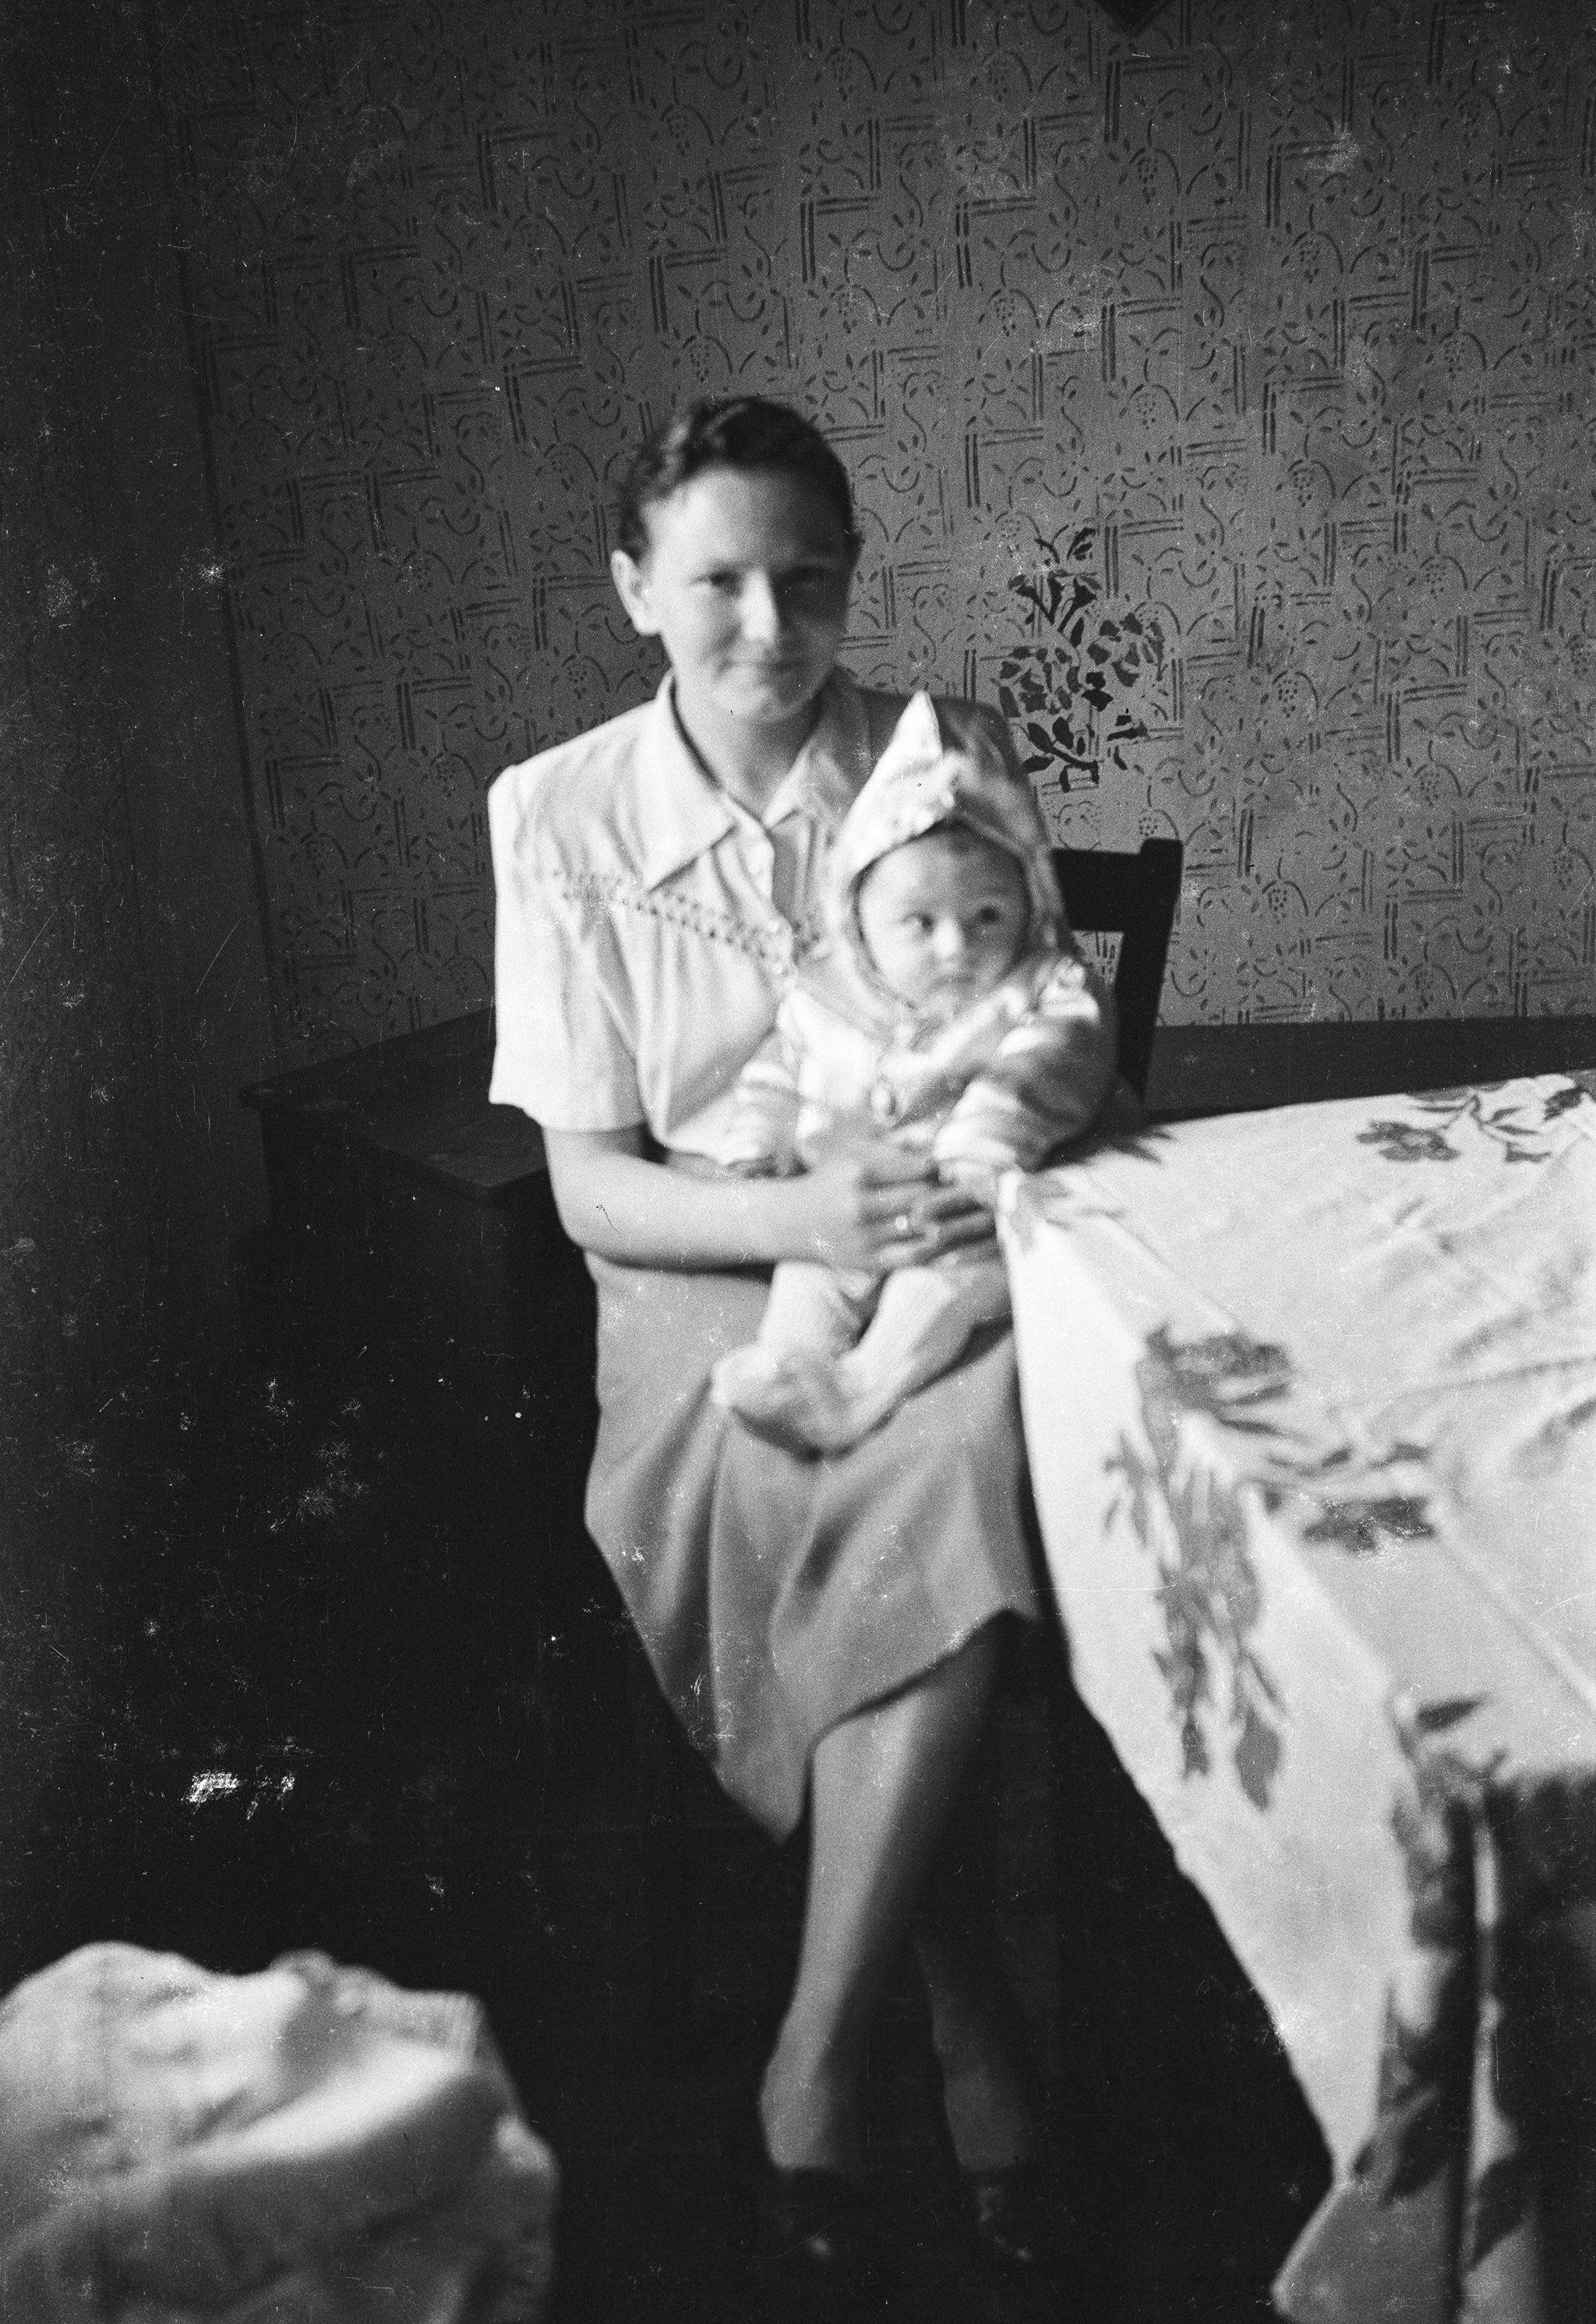 Portret matki z dzieckiem, Rudawa, Dolny Śląsk, lata 50. XX w.